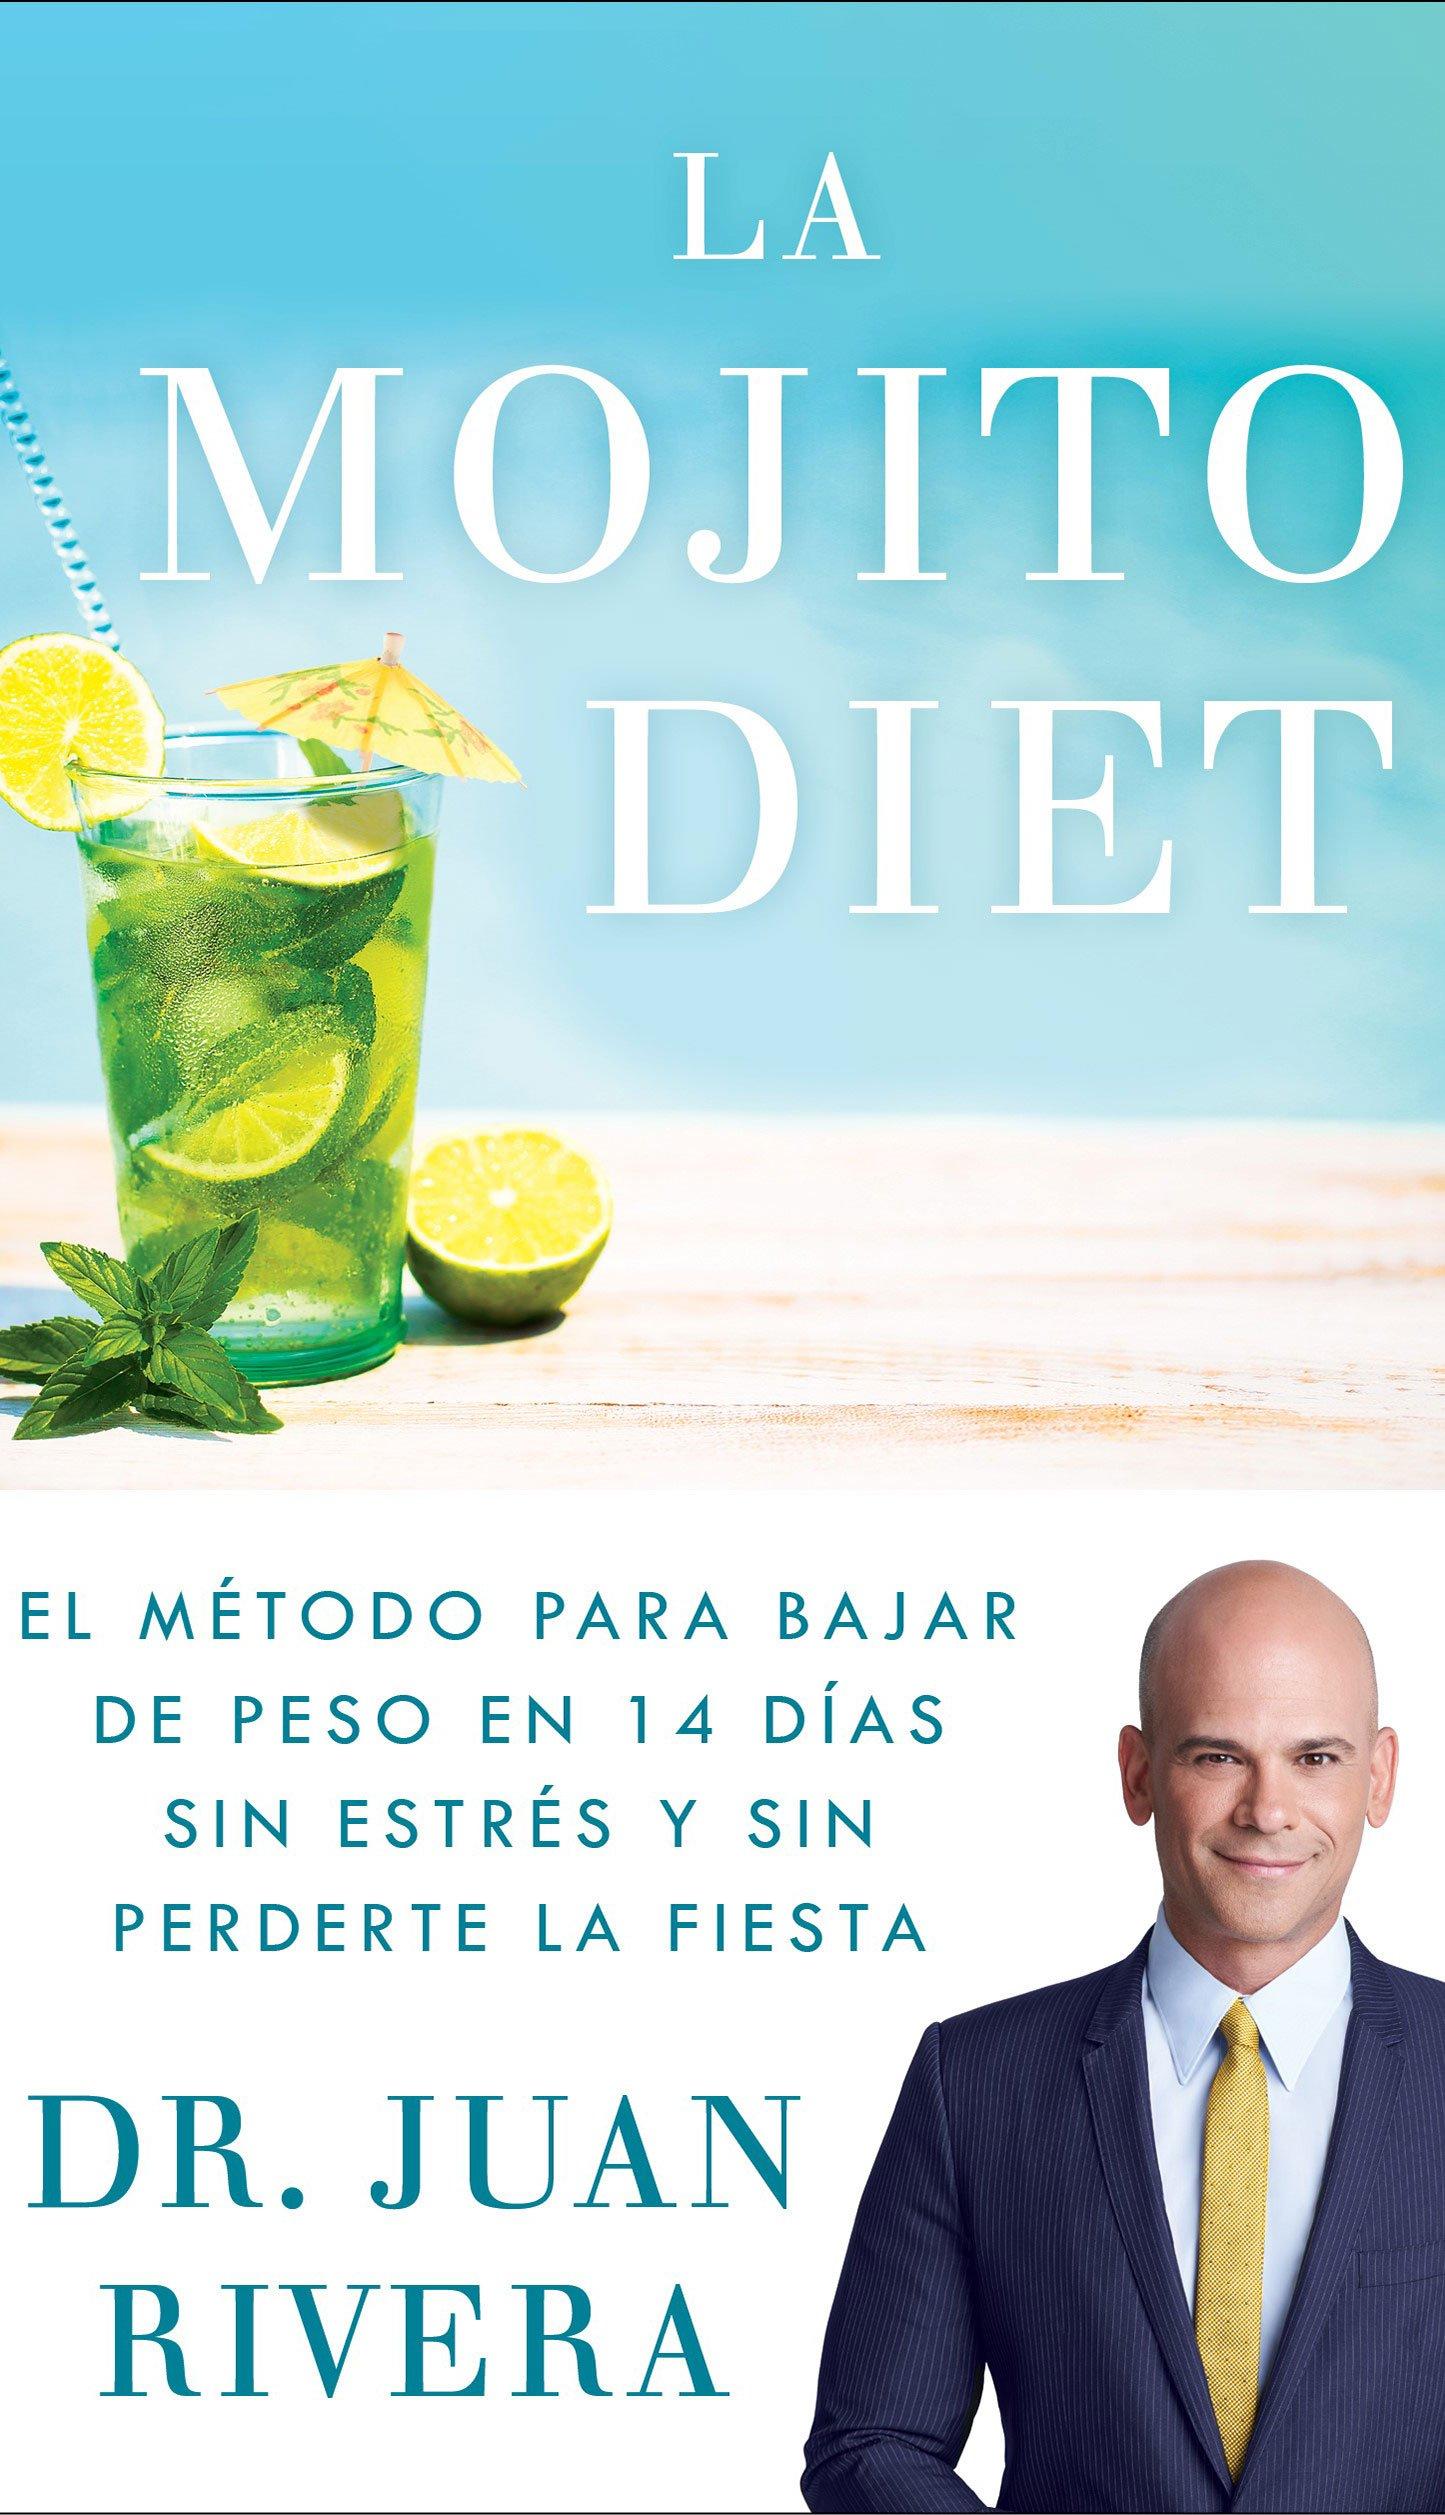 La Mojito Diet